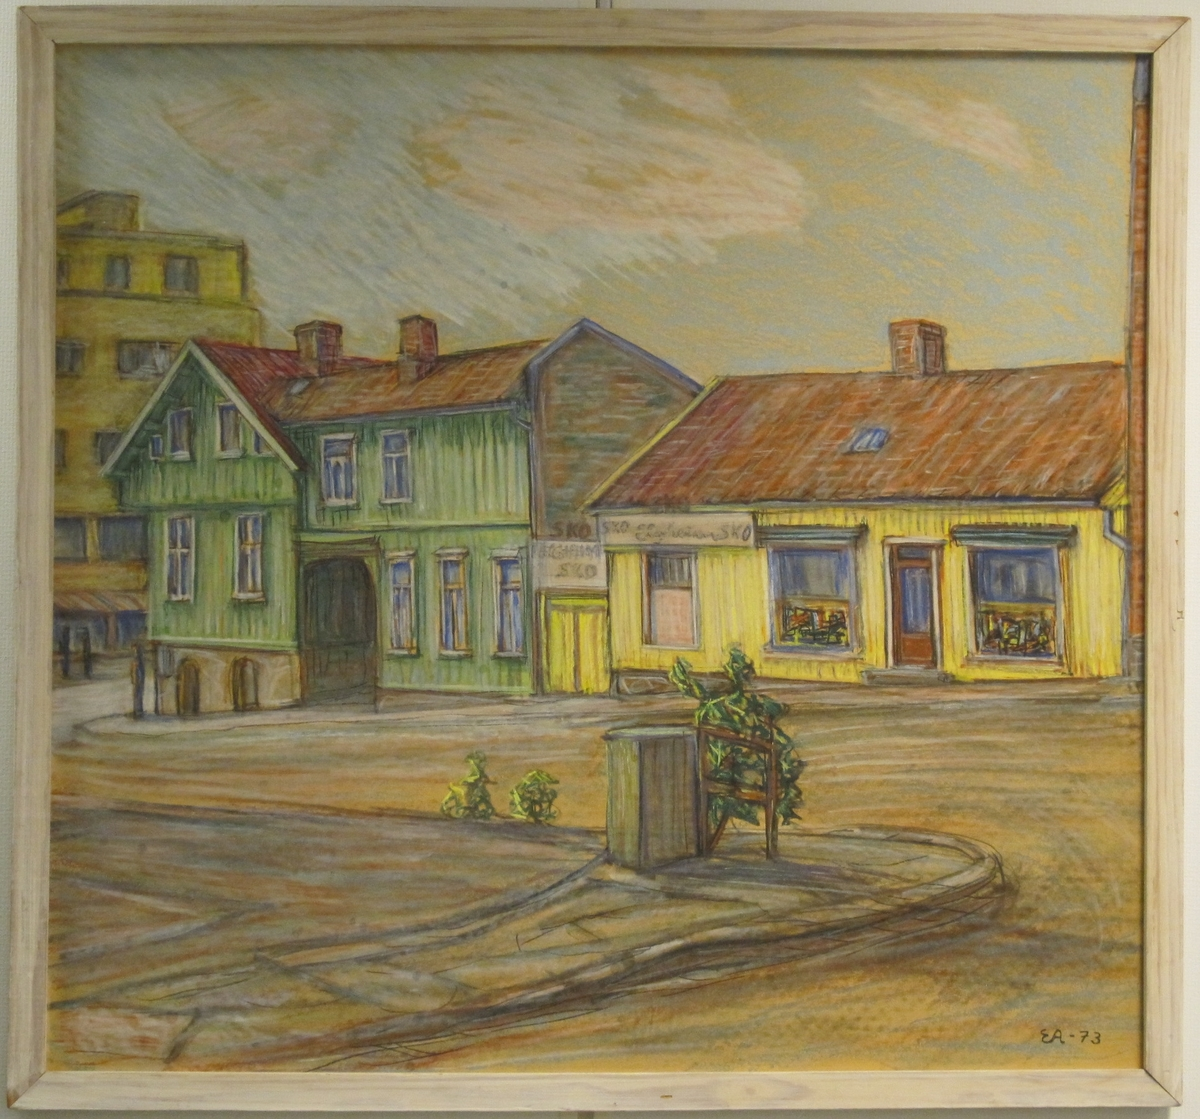 Motiv fra Fredrikstad sentrum, Arne Stangebyesgate.